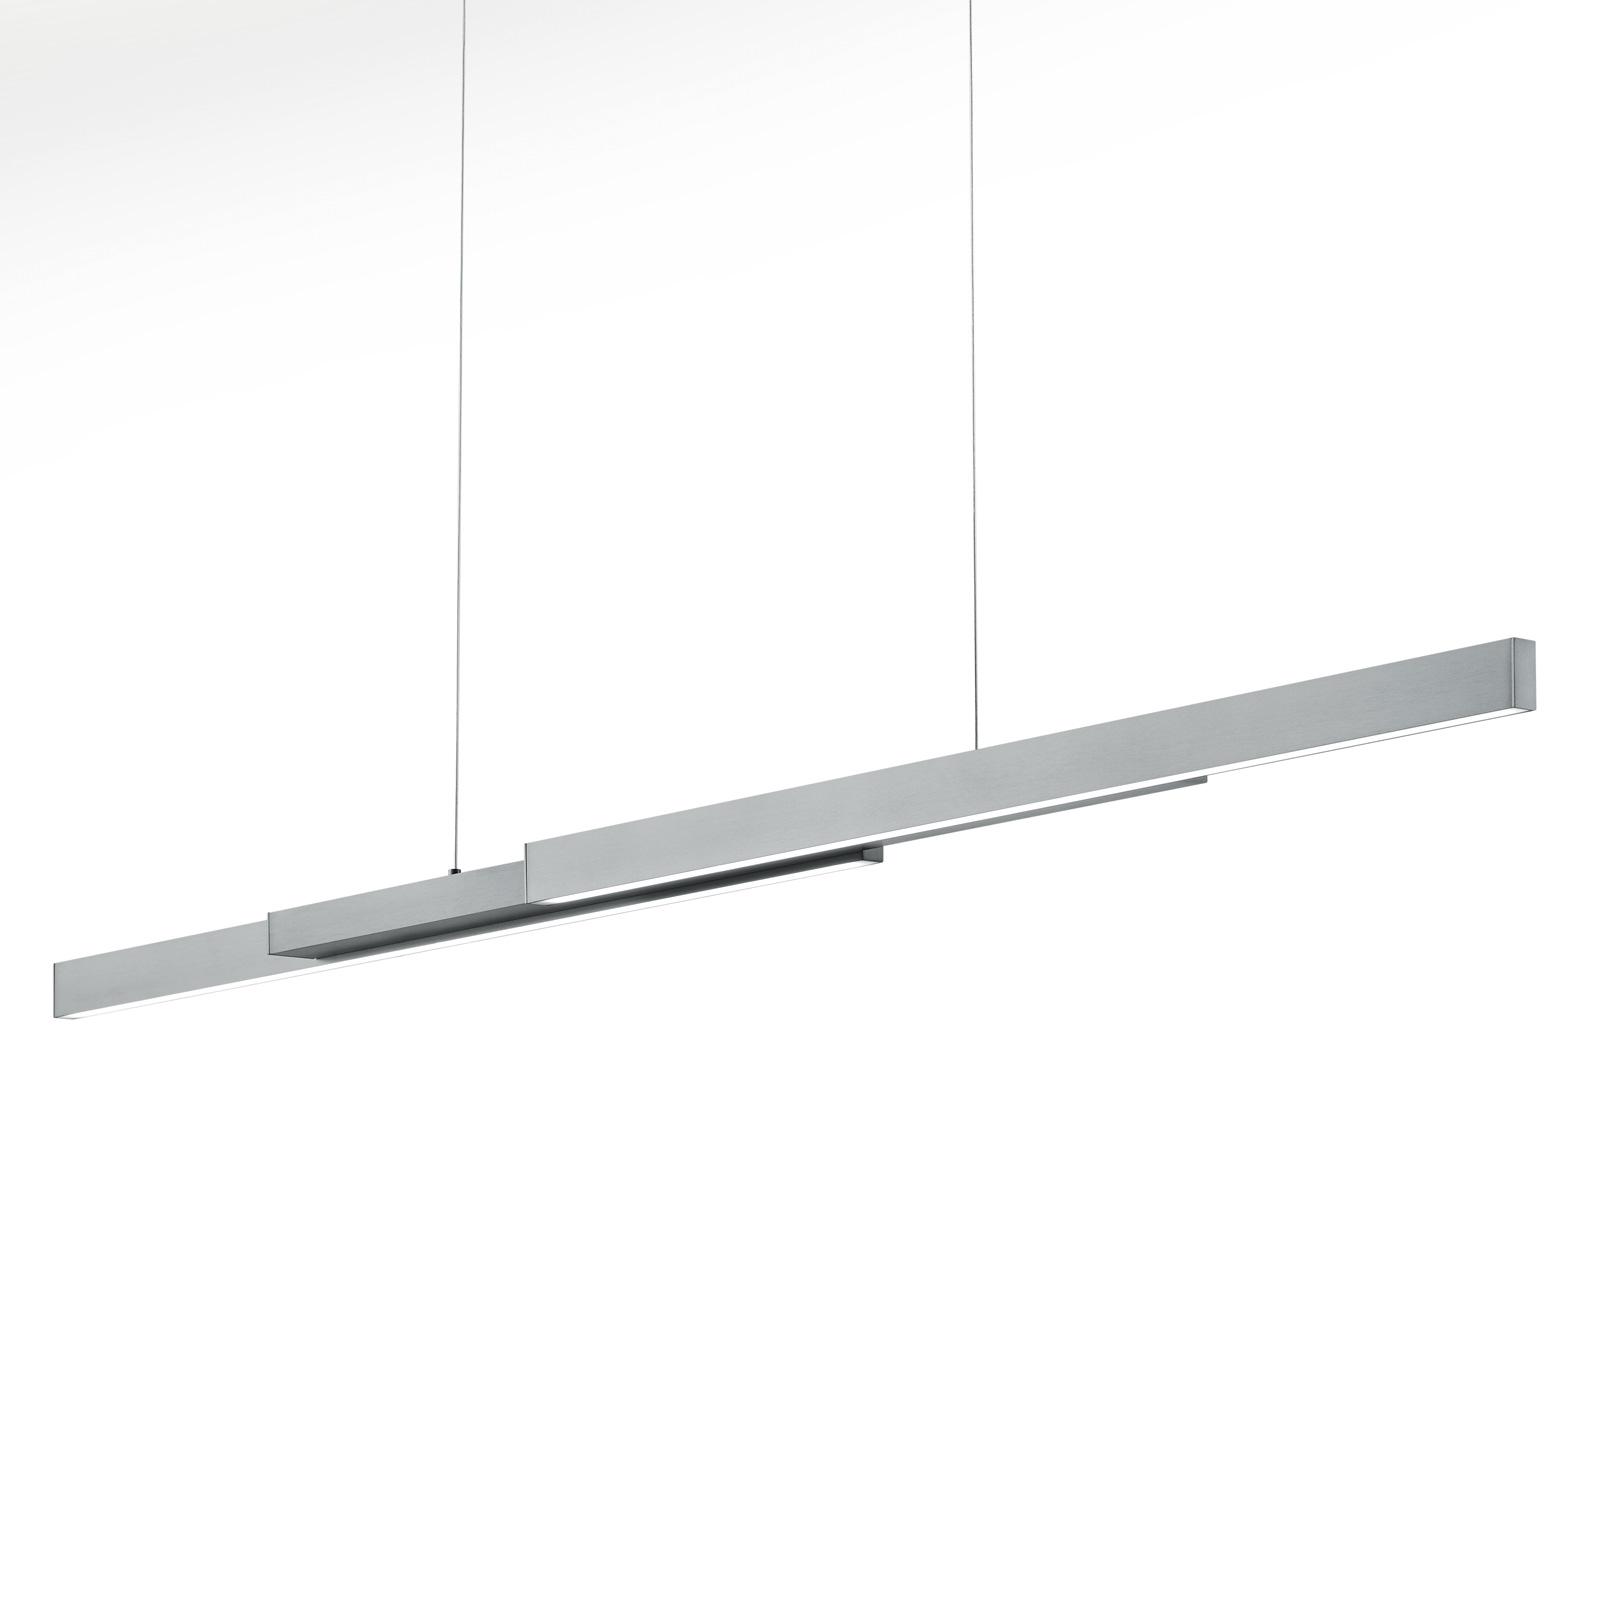 Lampa wisząca LED Lara, 134 cm, wysuwana, nikiel